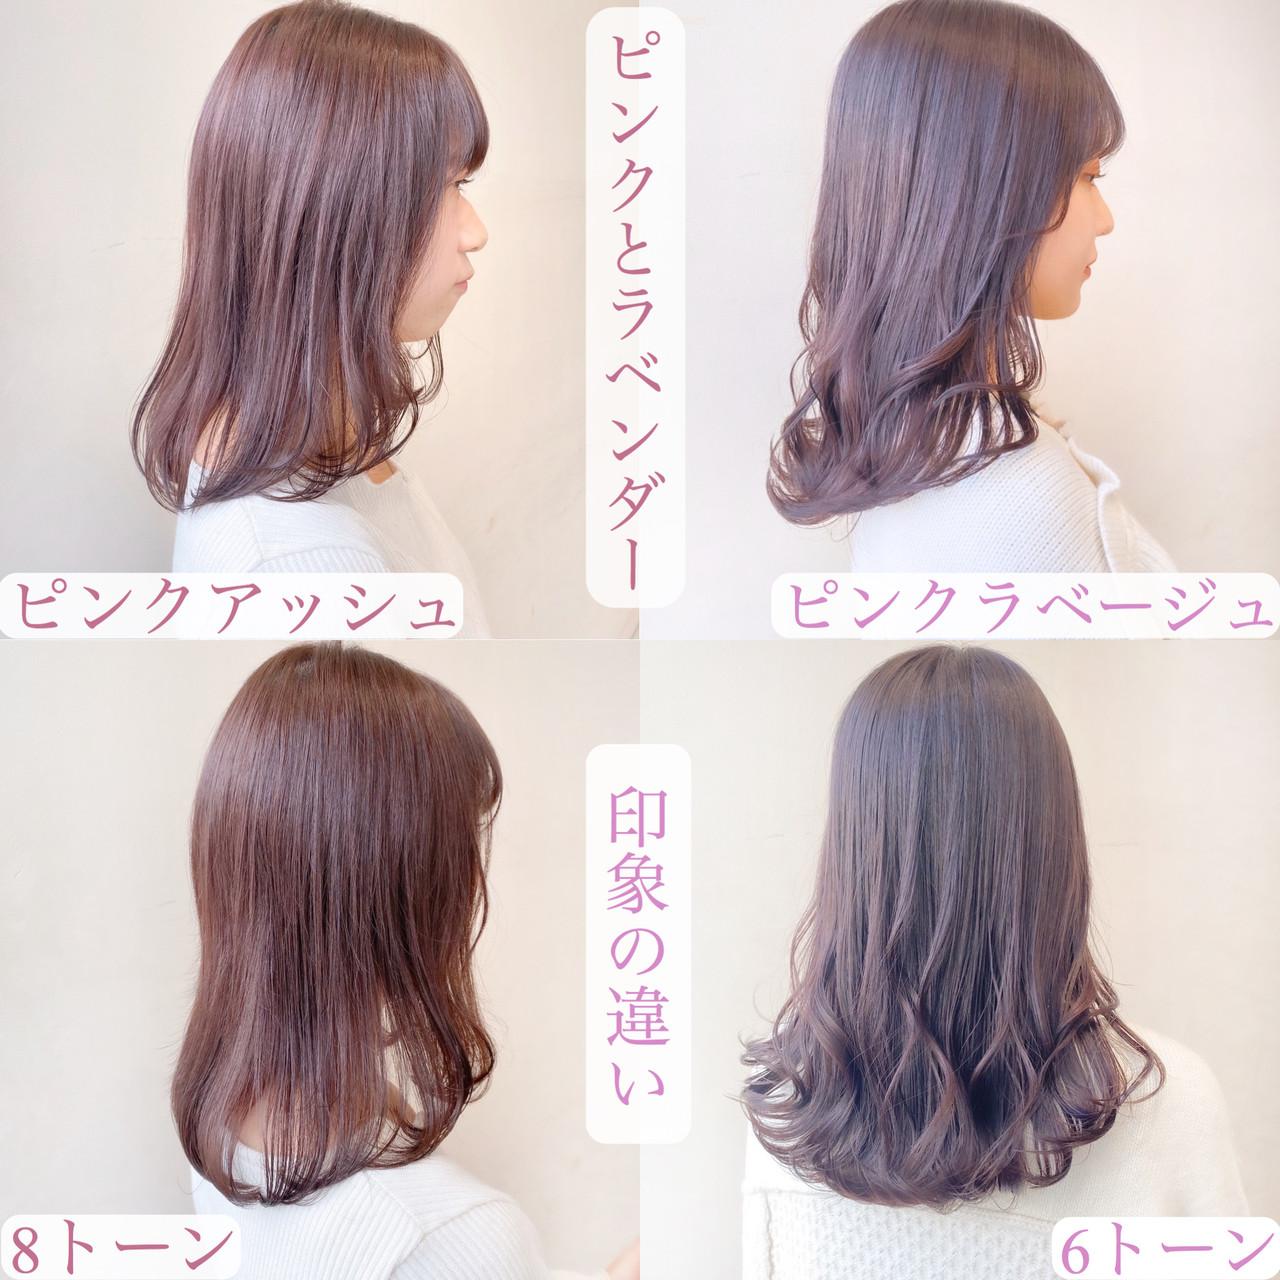 ピンクラベンダー フェミニン ラベンダーピンク ブリーチなし ヘアスタイルや髪型の写真・画像